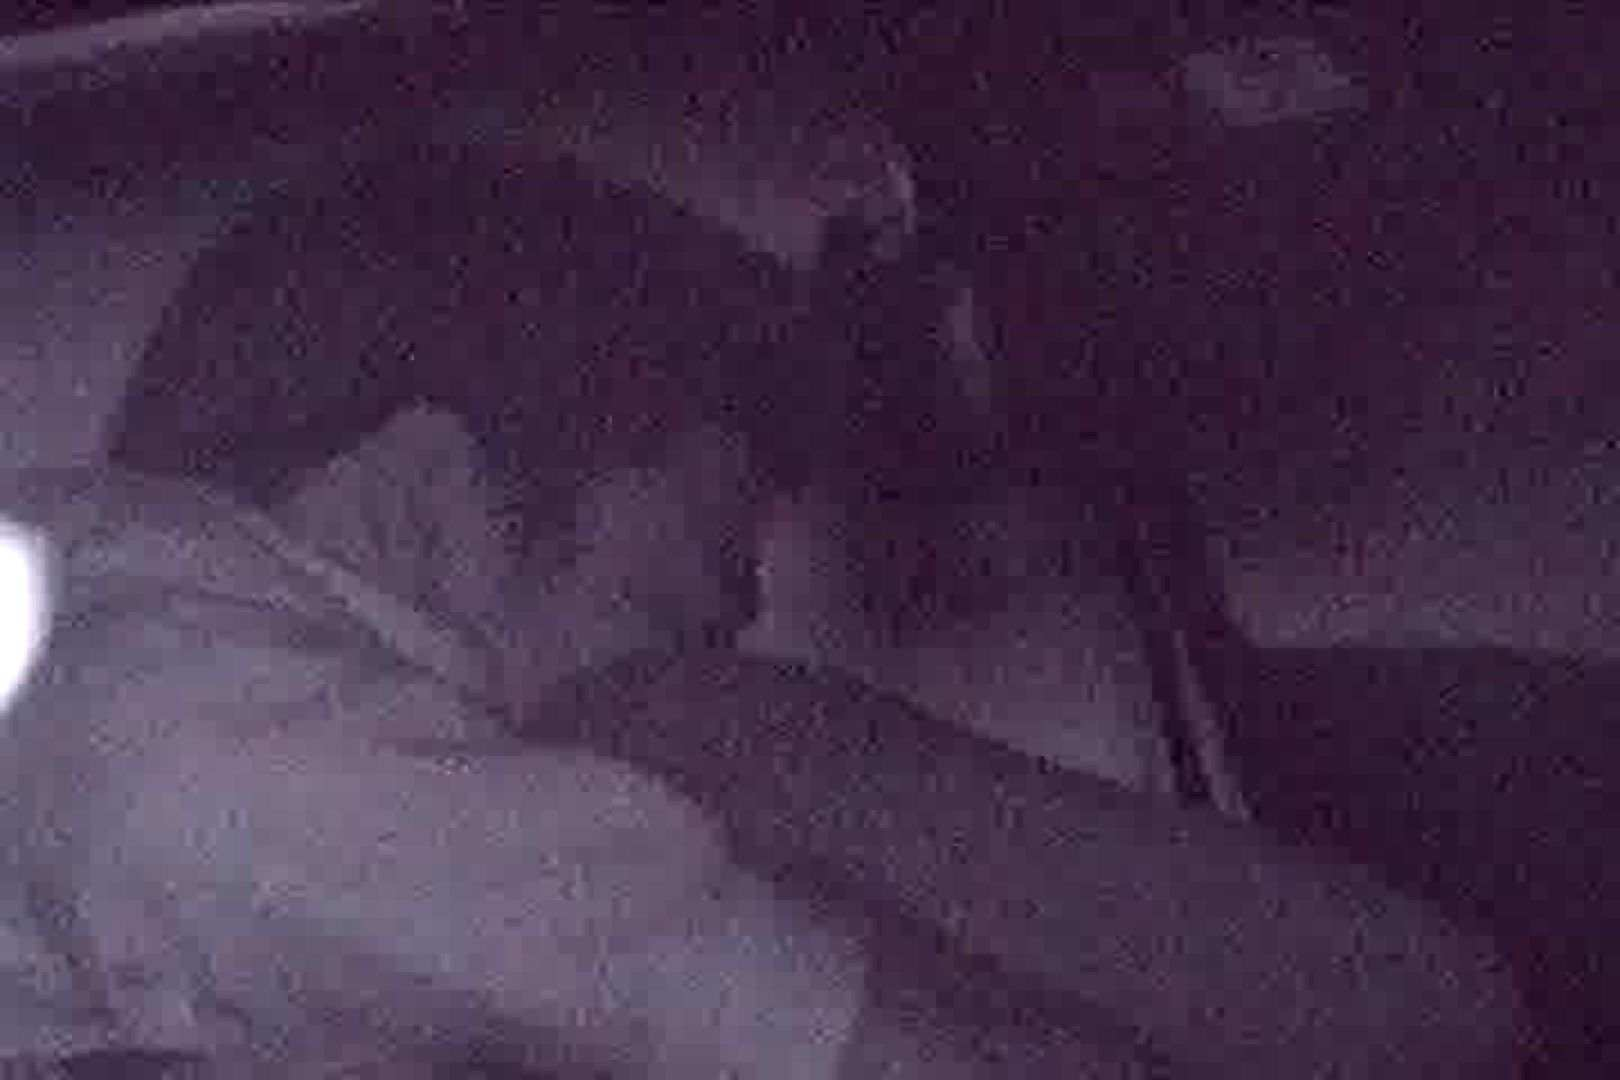 充血監督の深夜の運動会Vol.117 濃厚セックス  26PICs 24